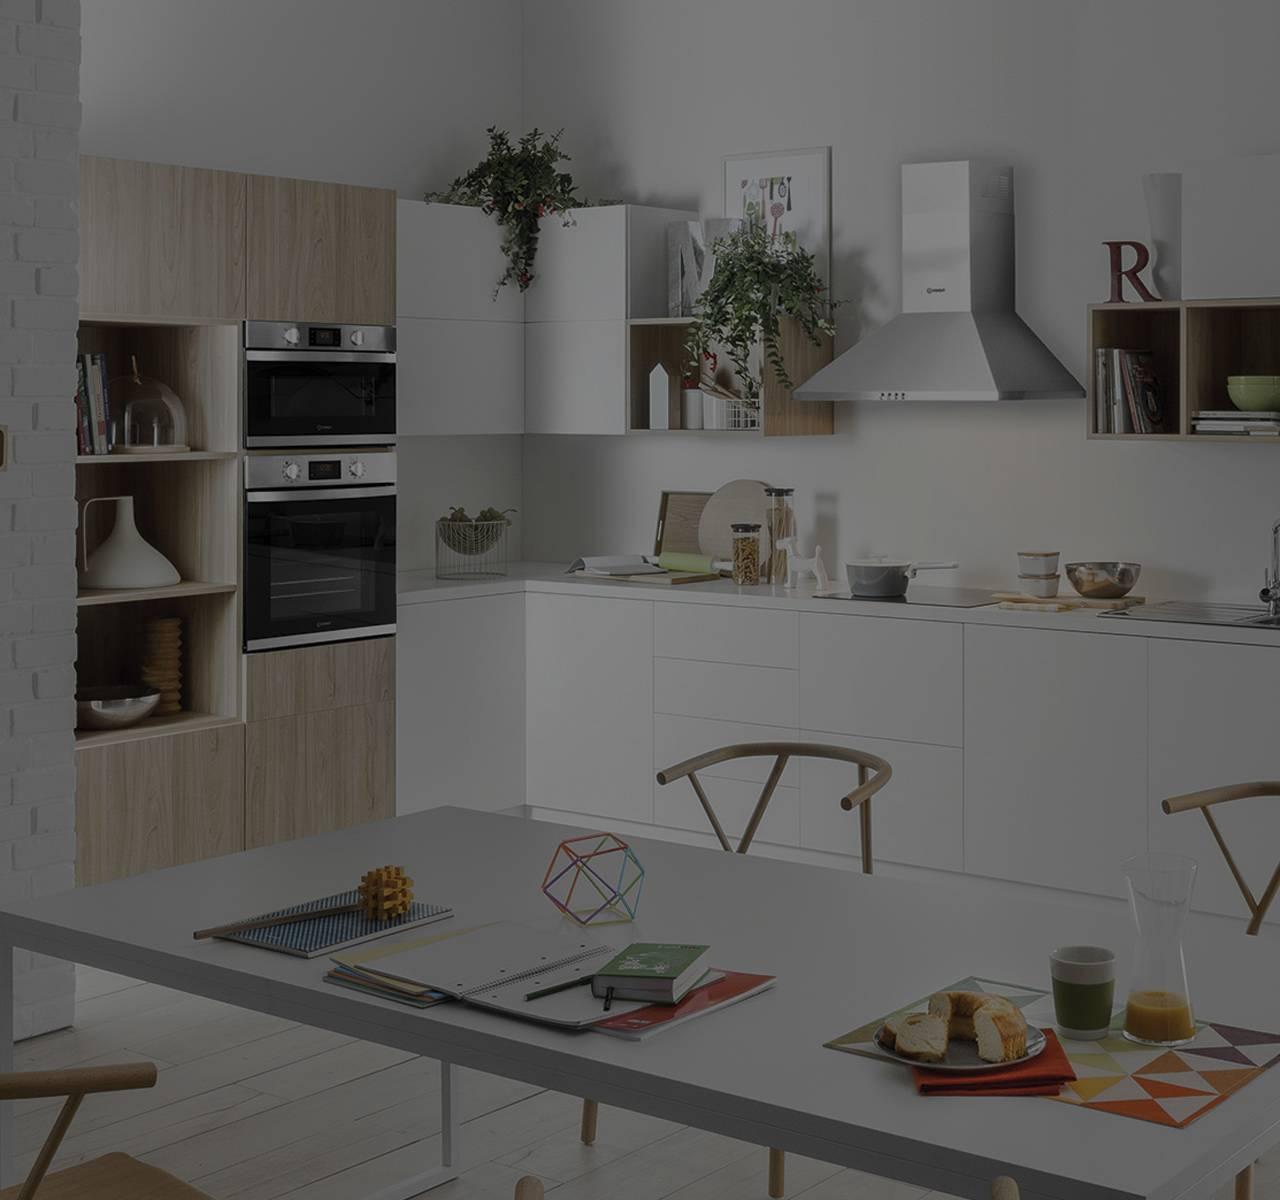 Indesit - elettrodomestici per la casa e la cucina